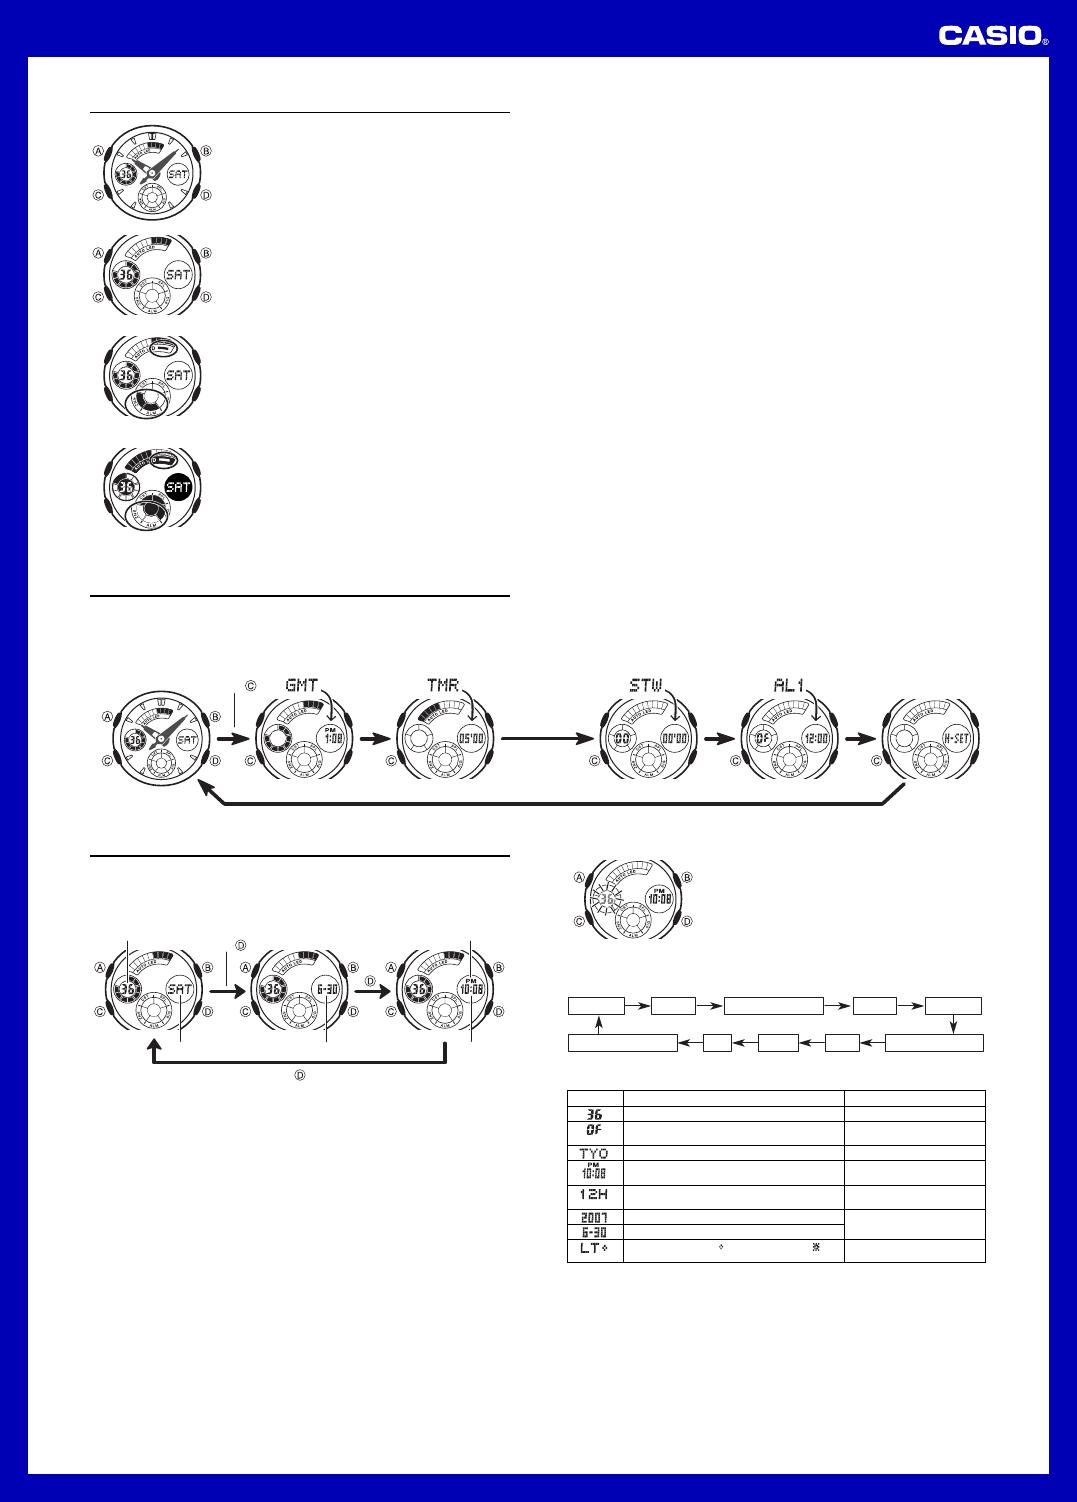 Mode d'emploi Casio AW 590 1A (4 des pages)  GZPx9